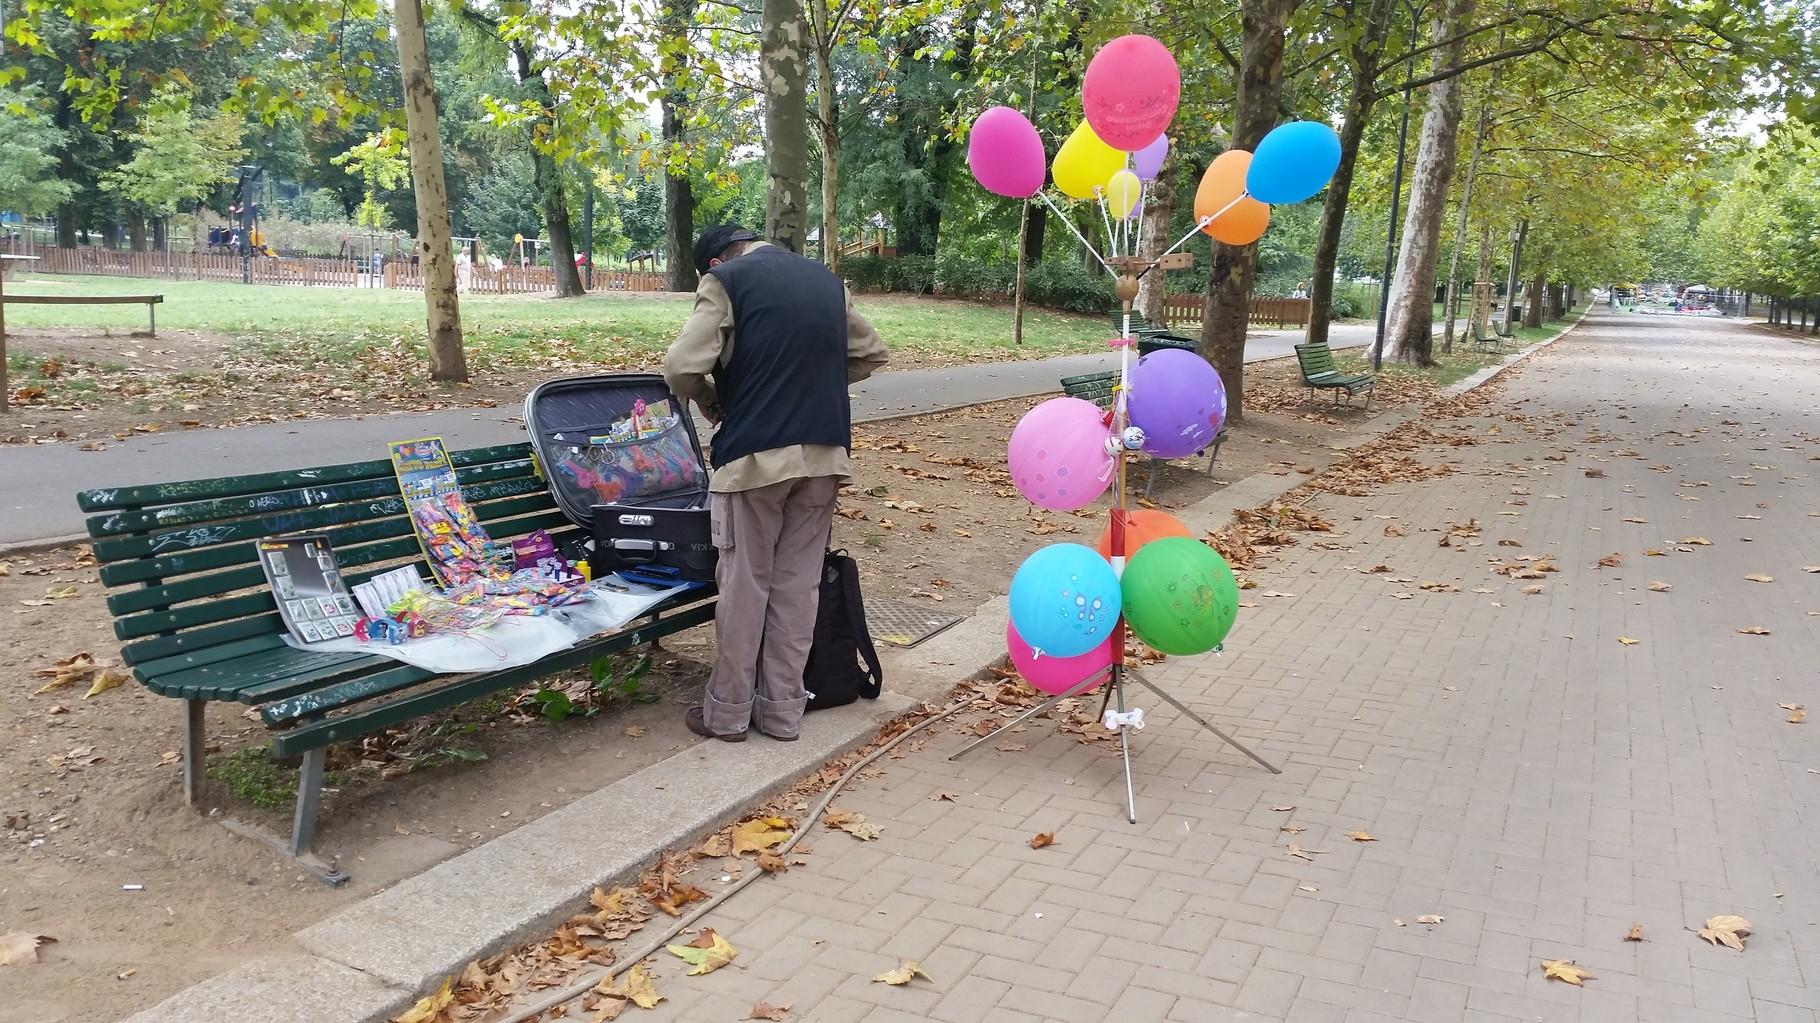 Venditore palloncini parco Ravizza 2015